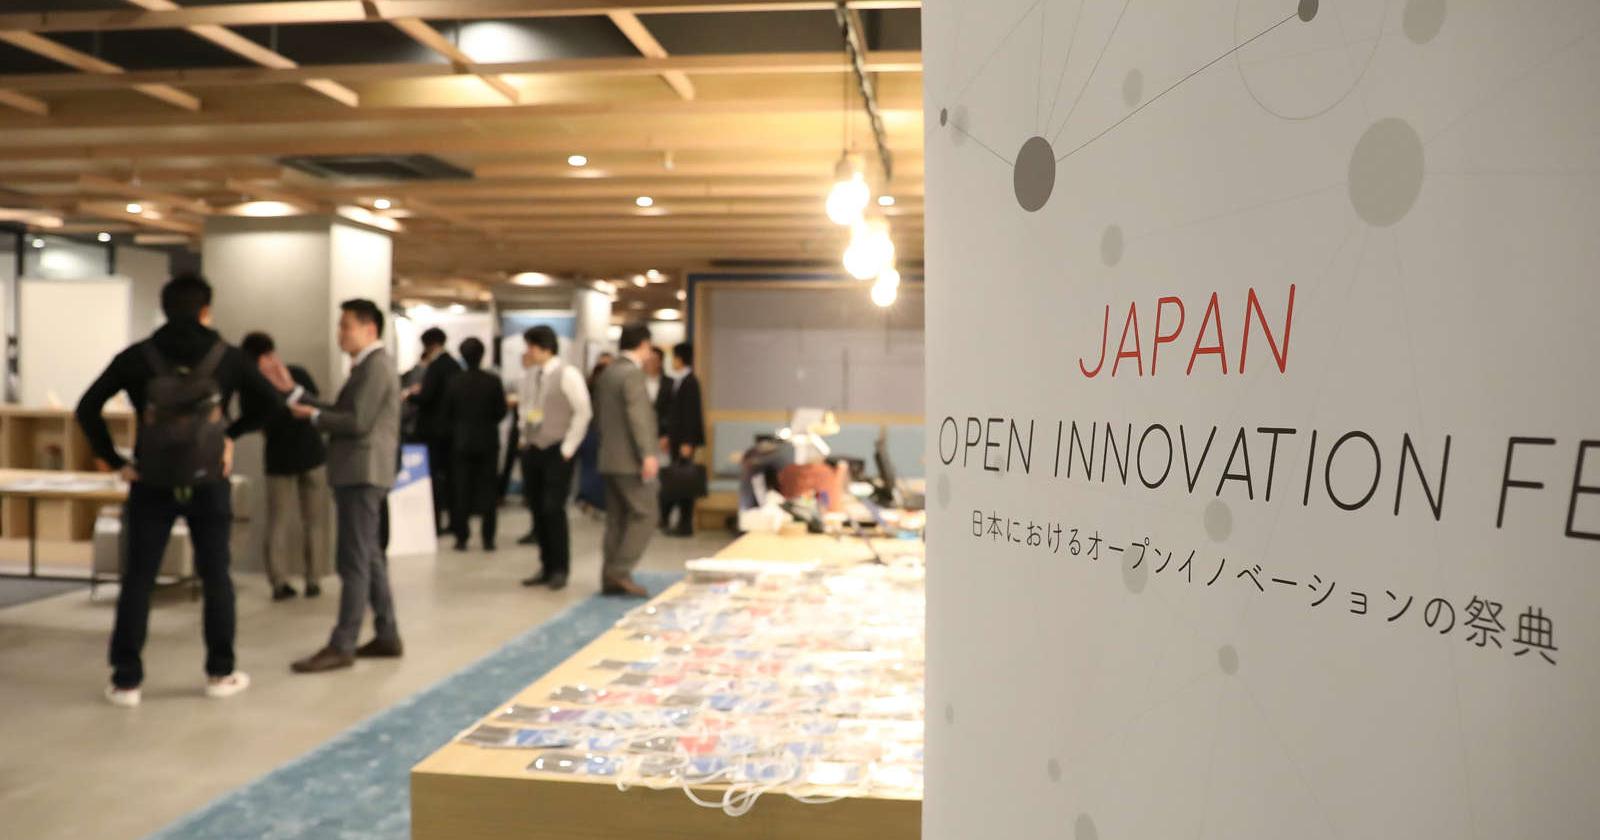 国内最大級のオープンイノベーションの祭典『JAPAN OPEN INNOVATION FES 2017』にて弊社代表の志水が登壇しました